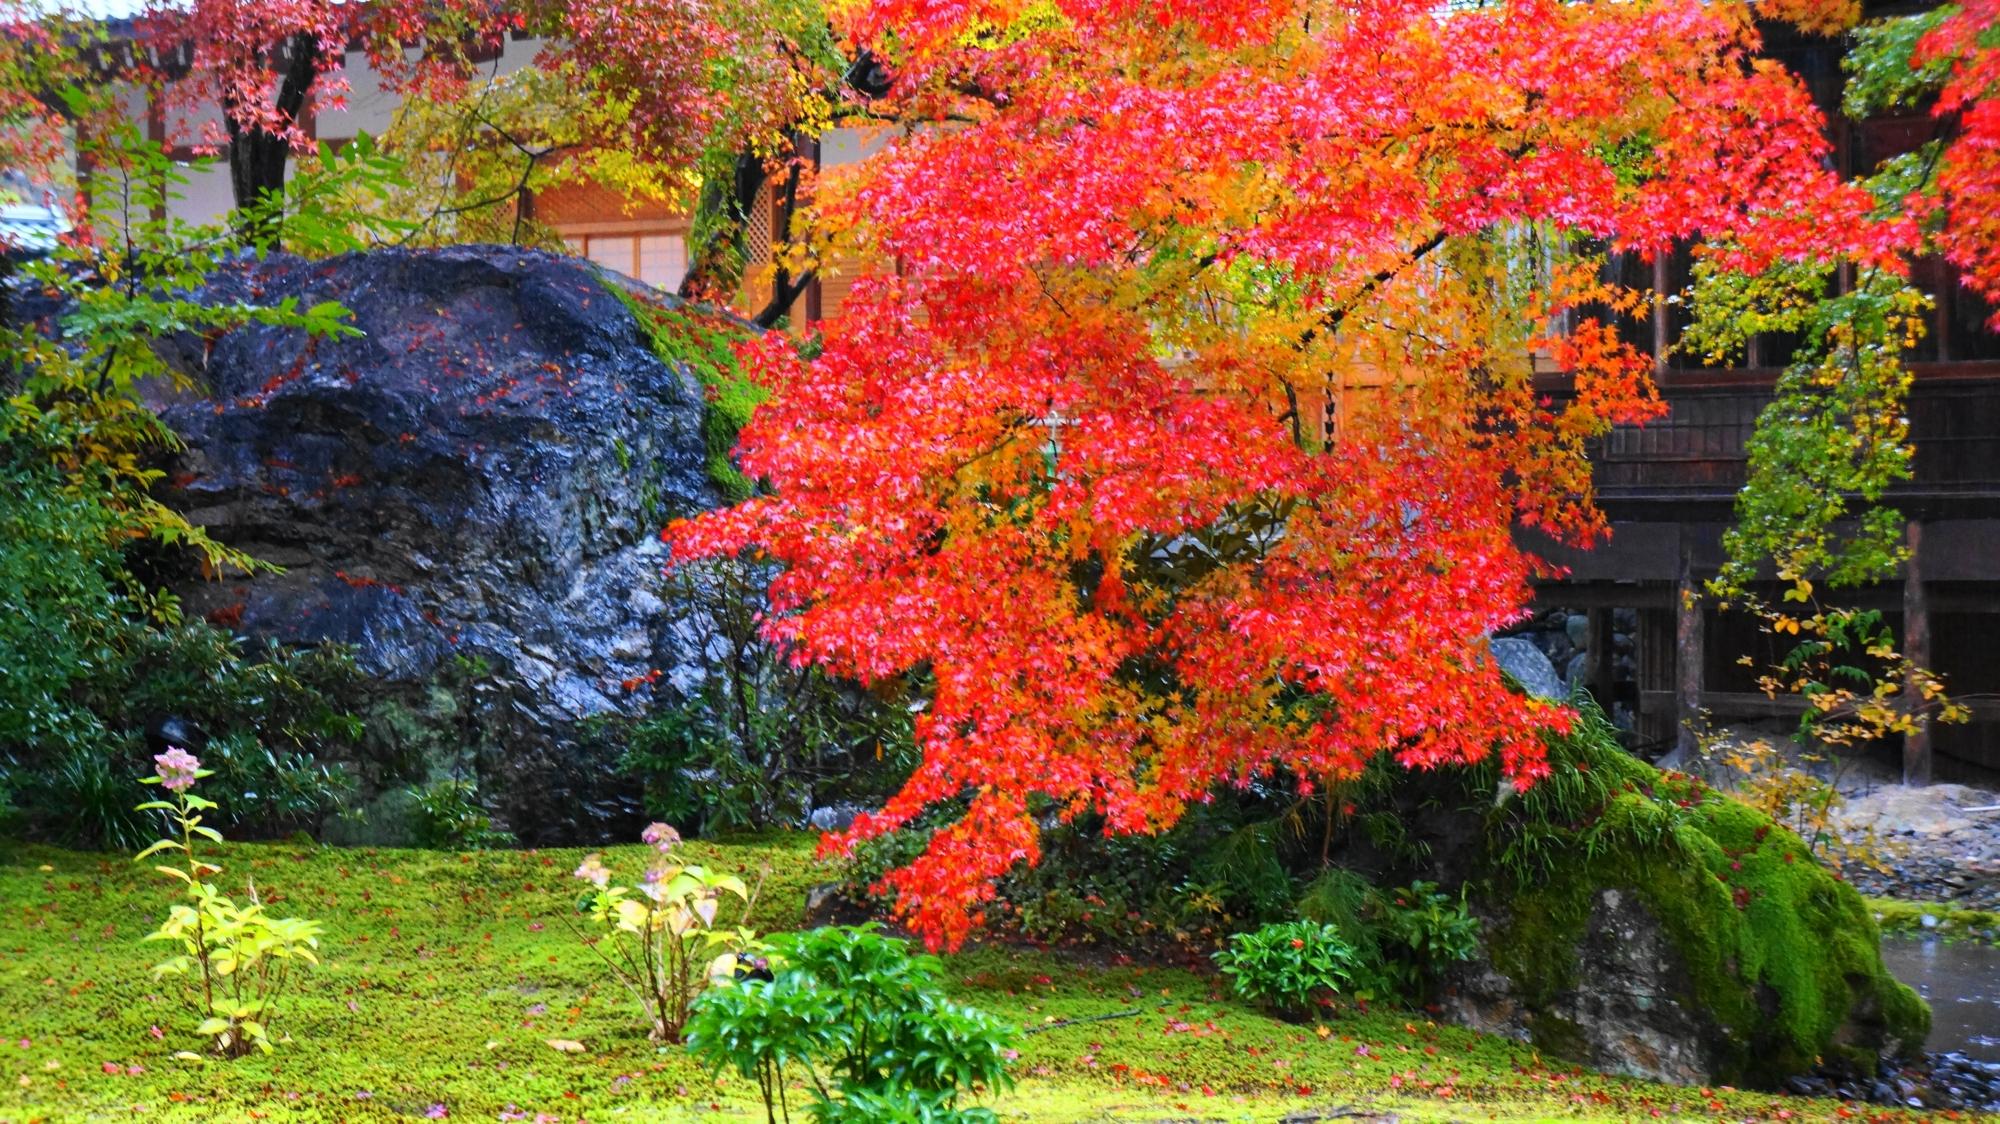 宝厳院の響岩と鮮やかな紅葉